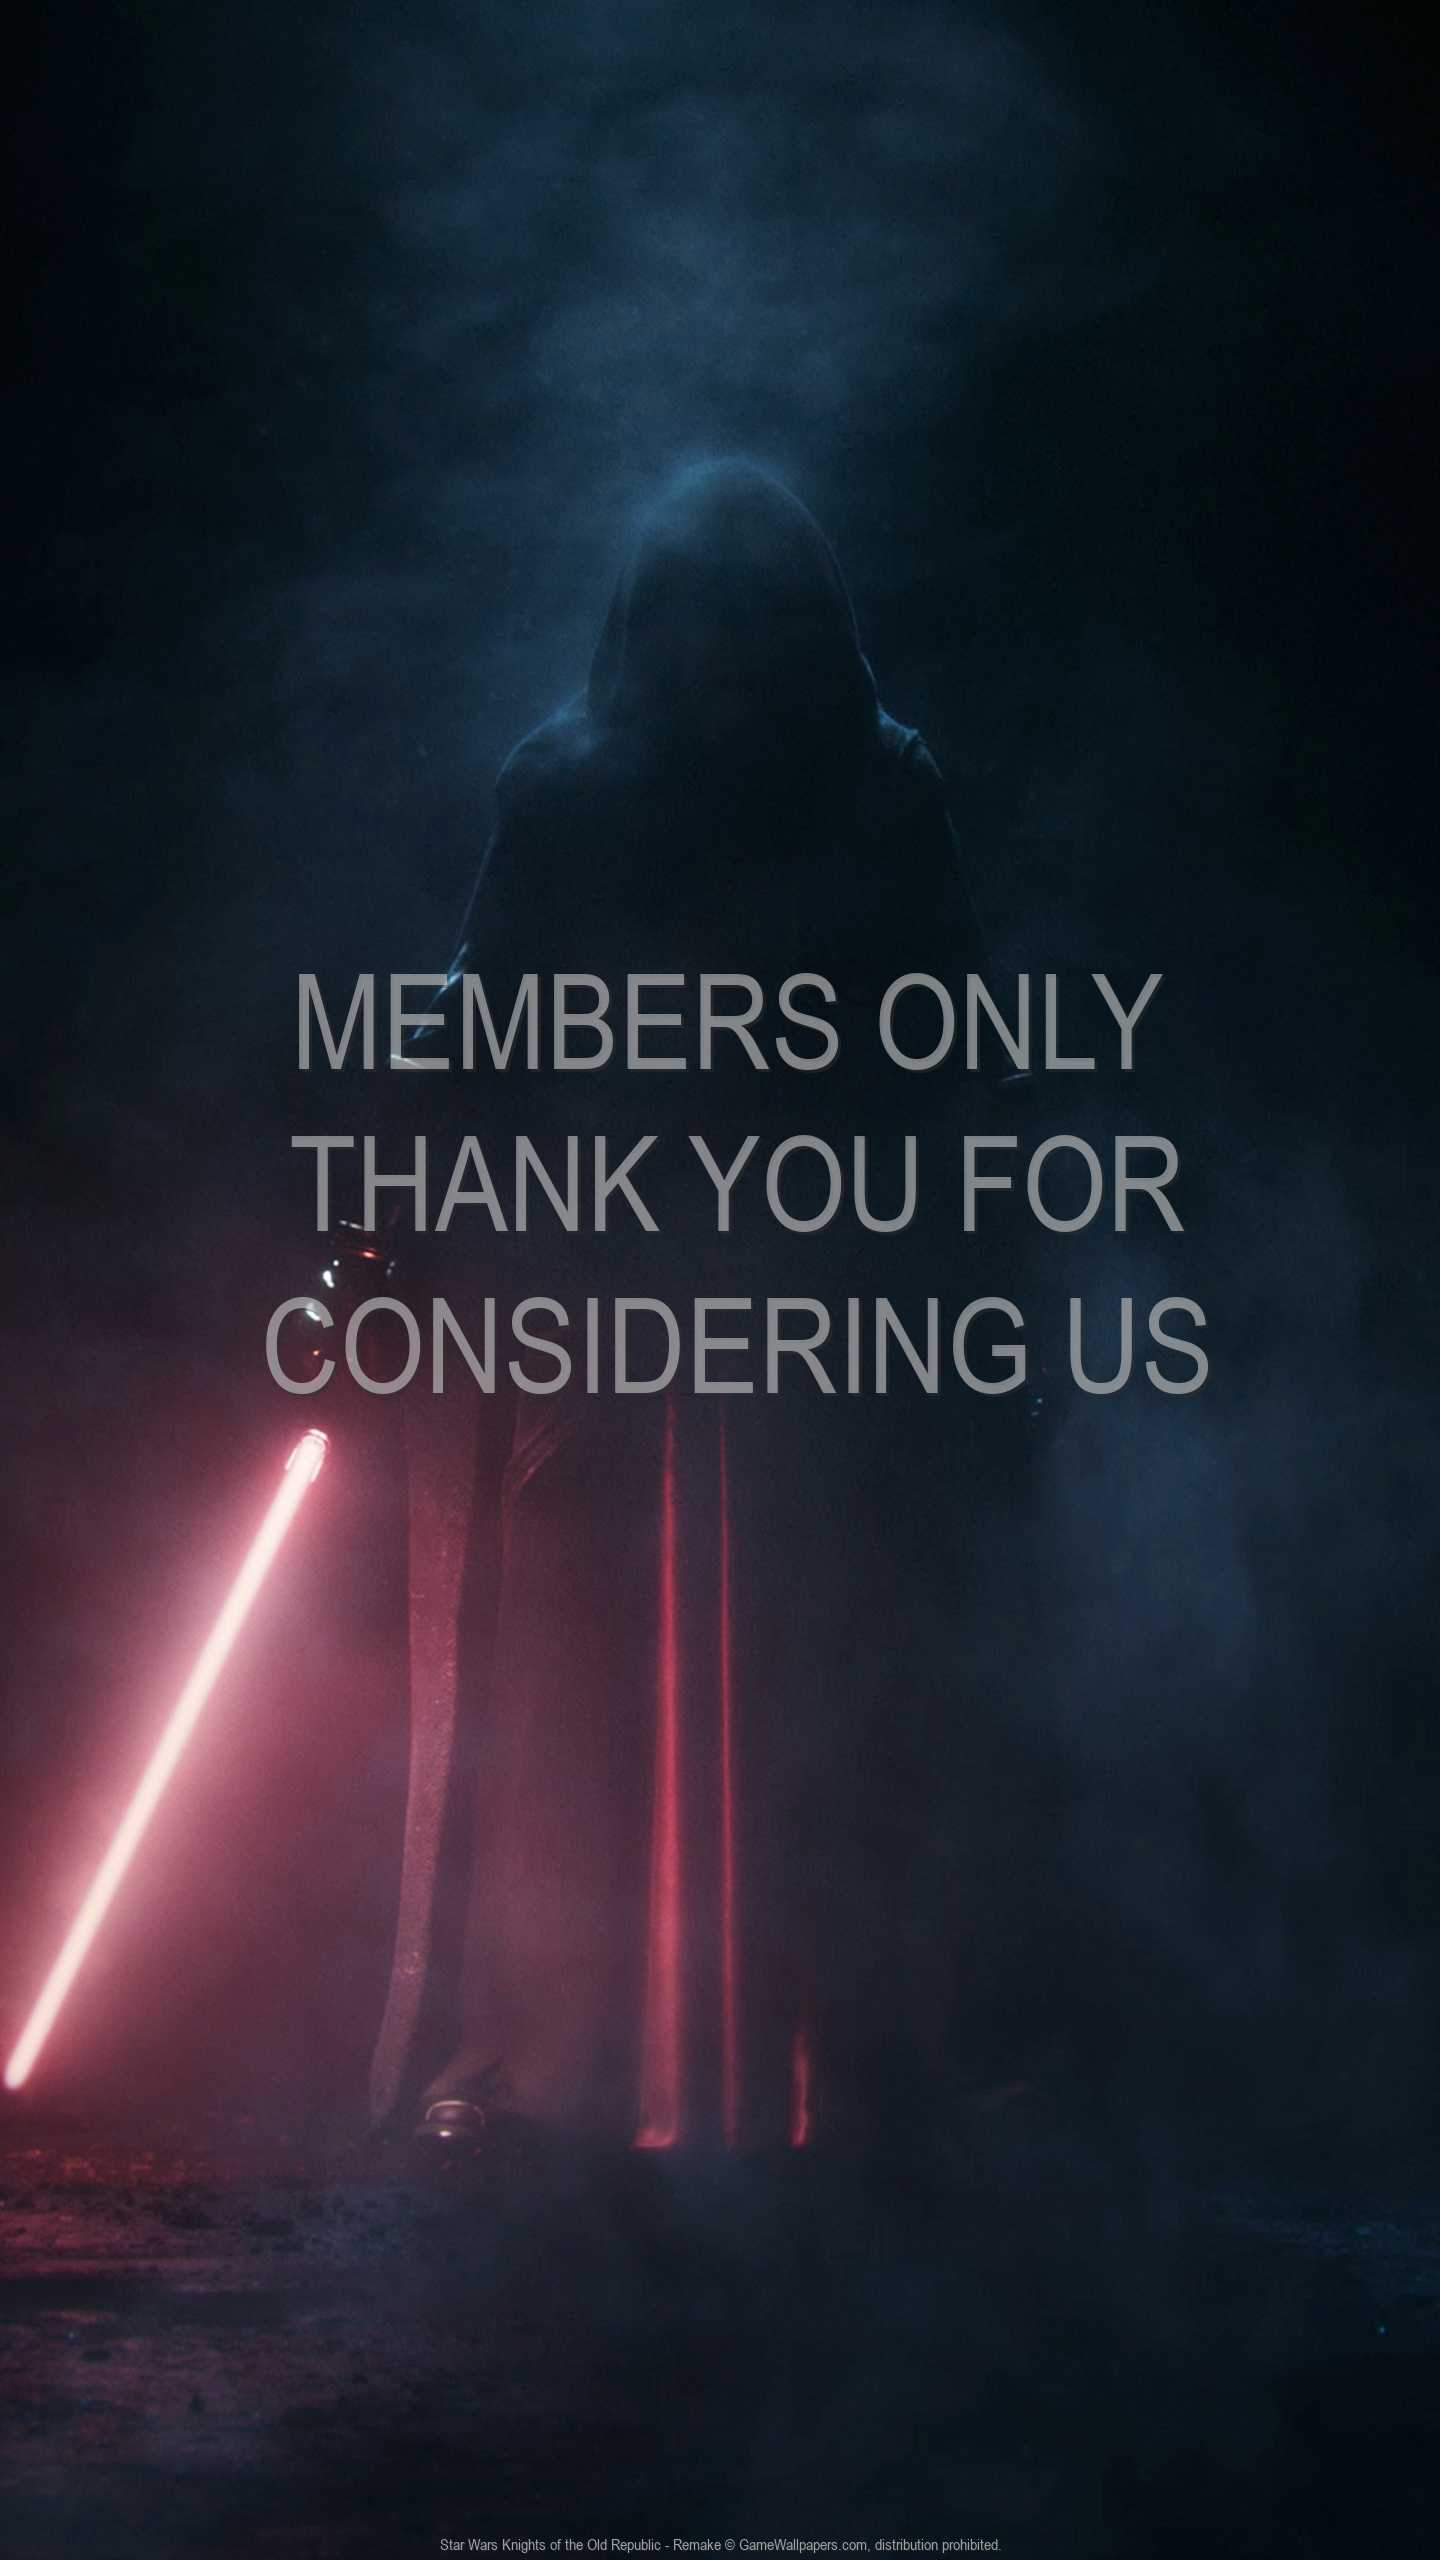 Star Wars: Knights of the Old Republic - Remake 1440p Vertical Handy Hintergrundbild 01